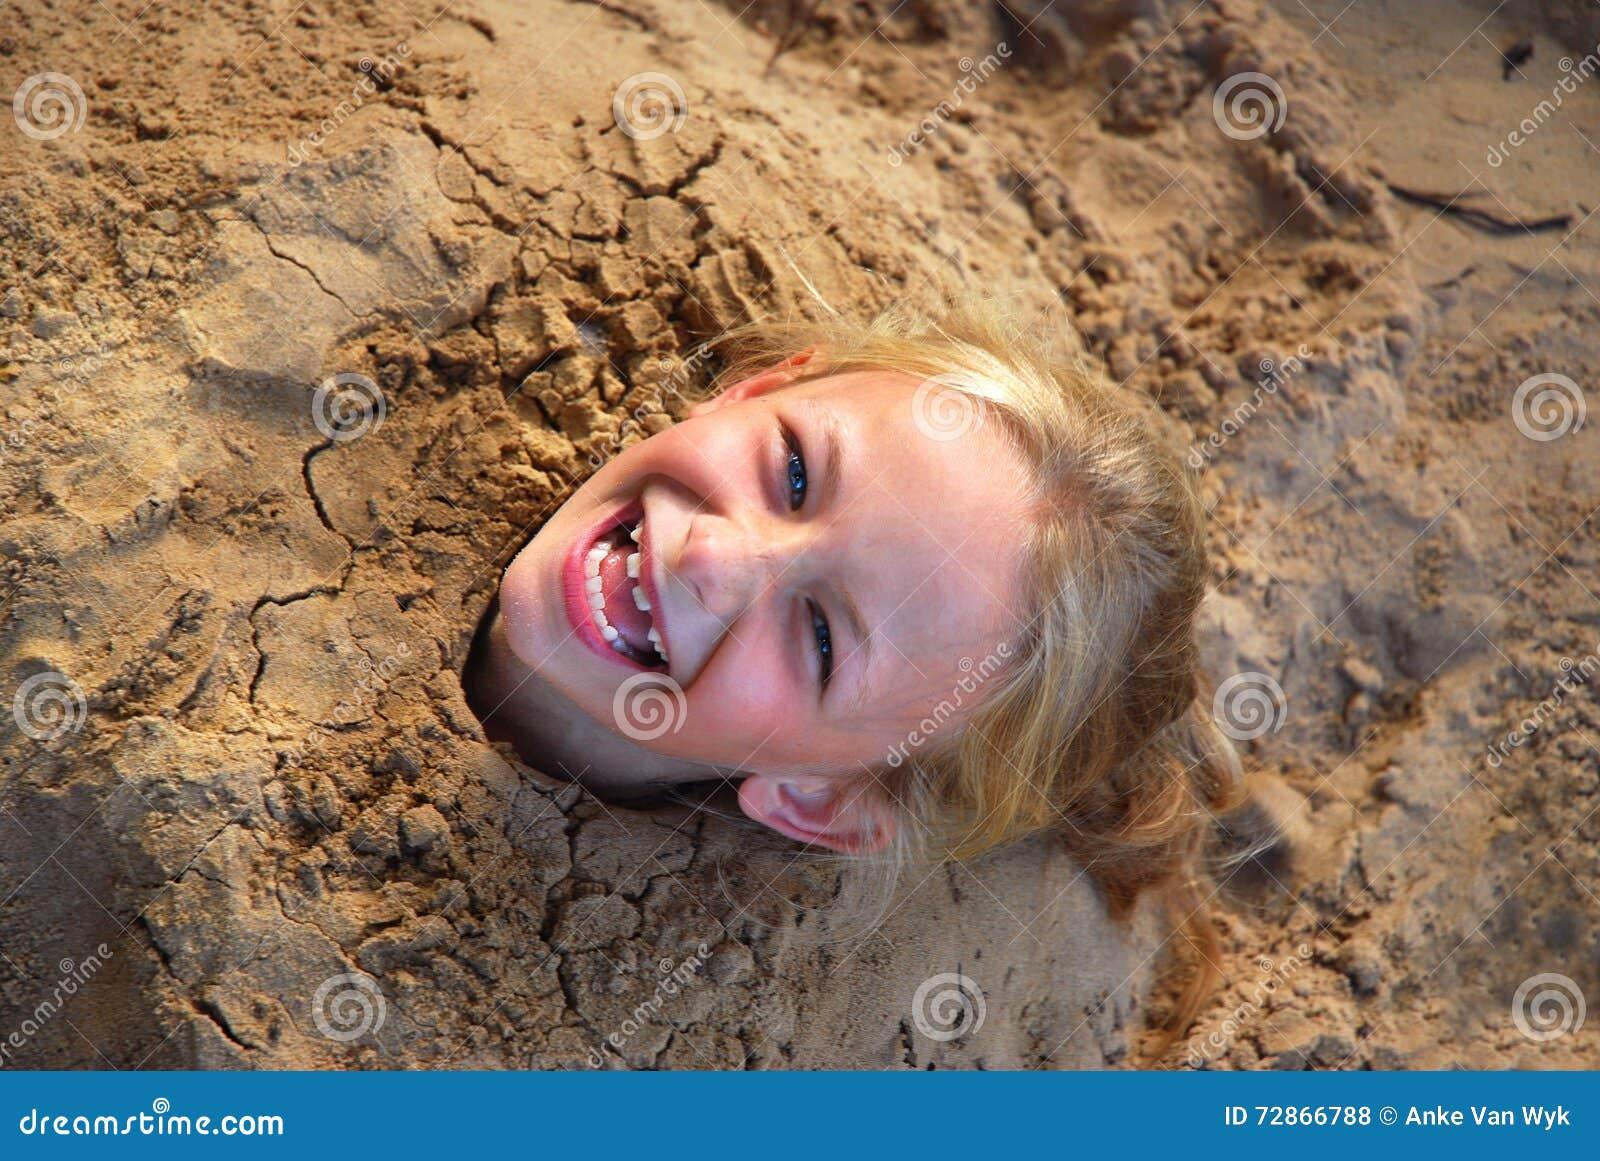 Маленькая девочка выкопала в песок